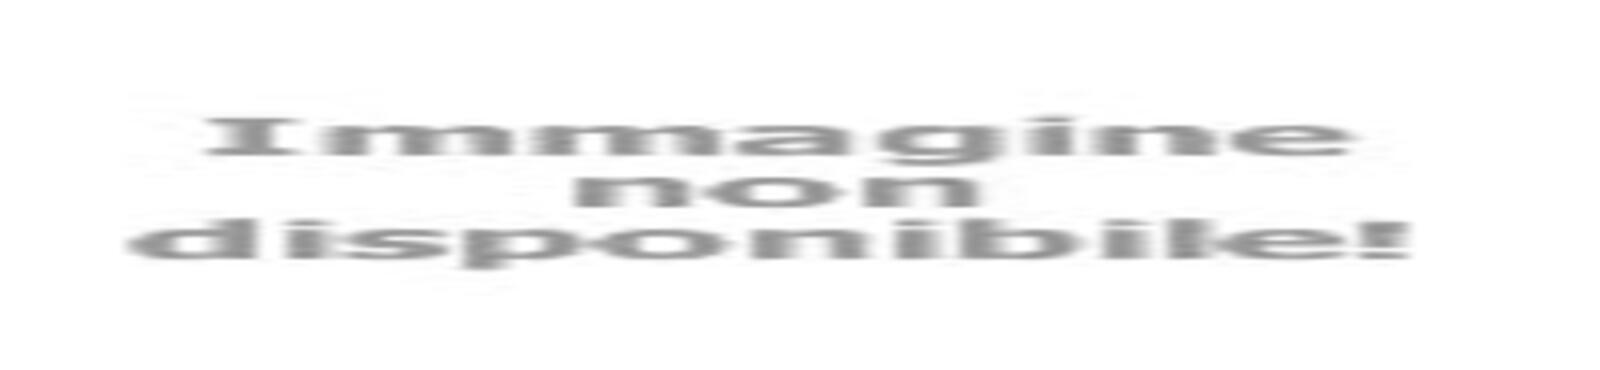 petronianaviaggi it le-terre-delloro-di-spello-e-del-sangratino-spello-bevagna-montefalco-trevi-e-le-fonti-del-clitunno-v386 002